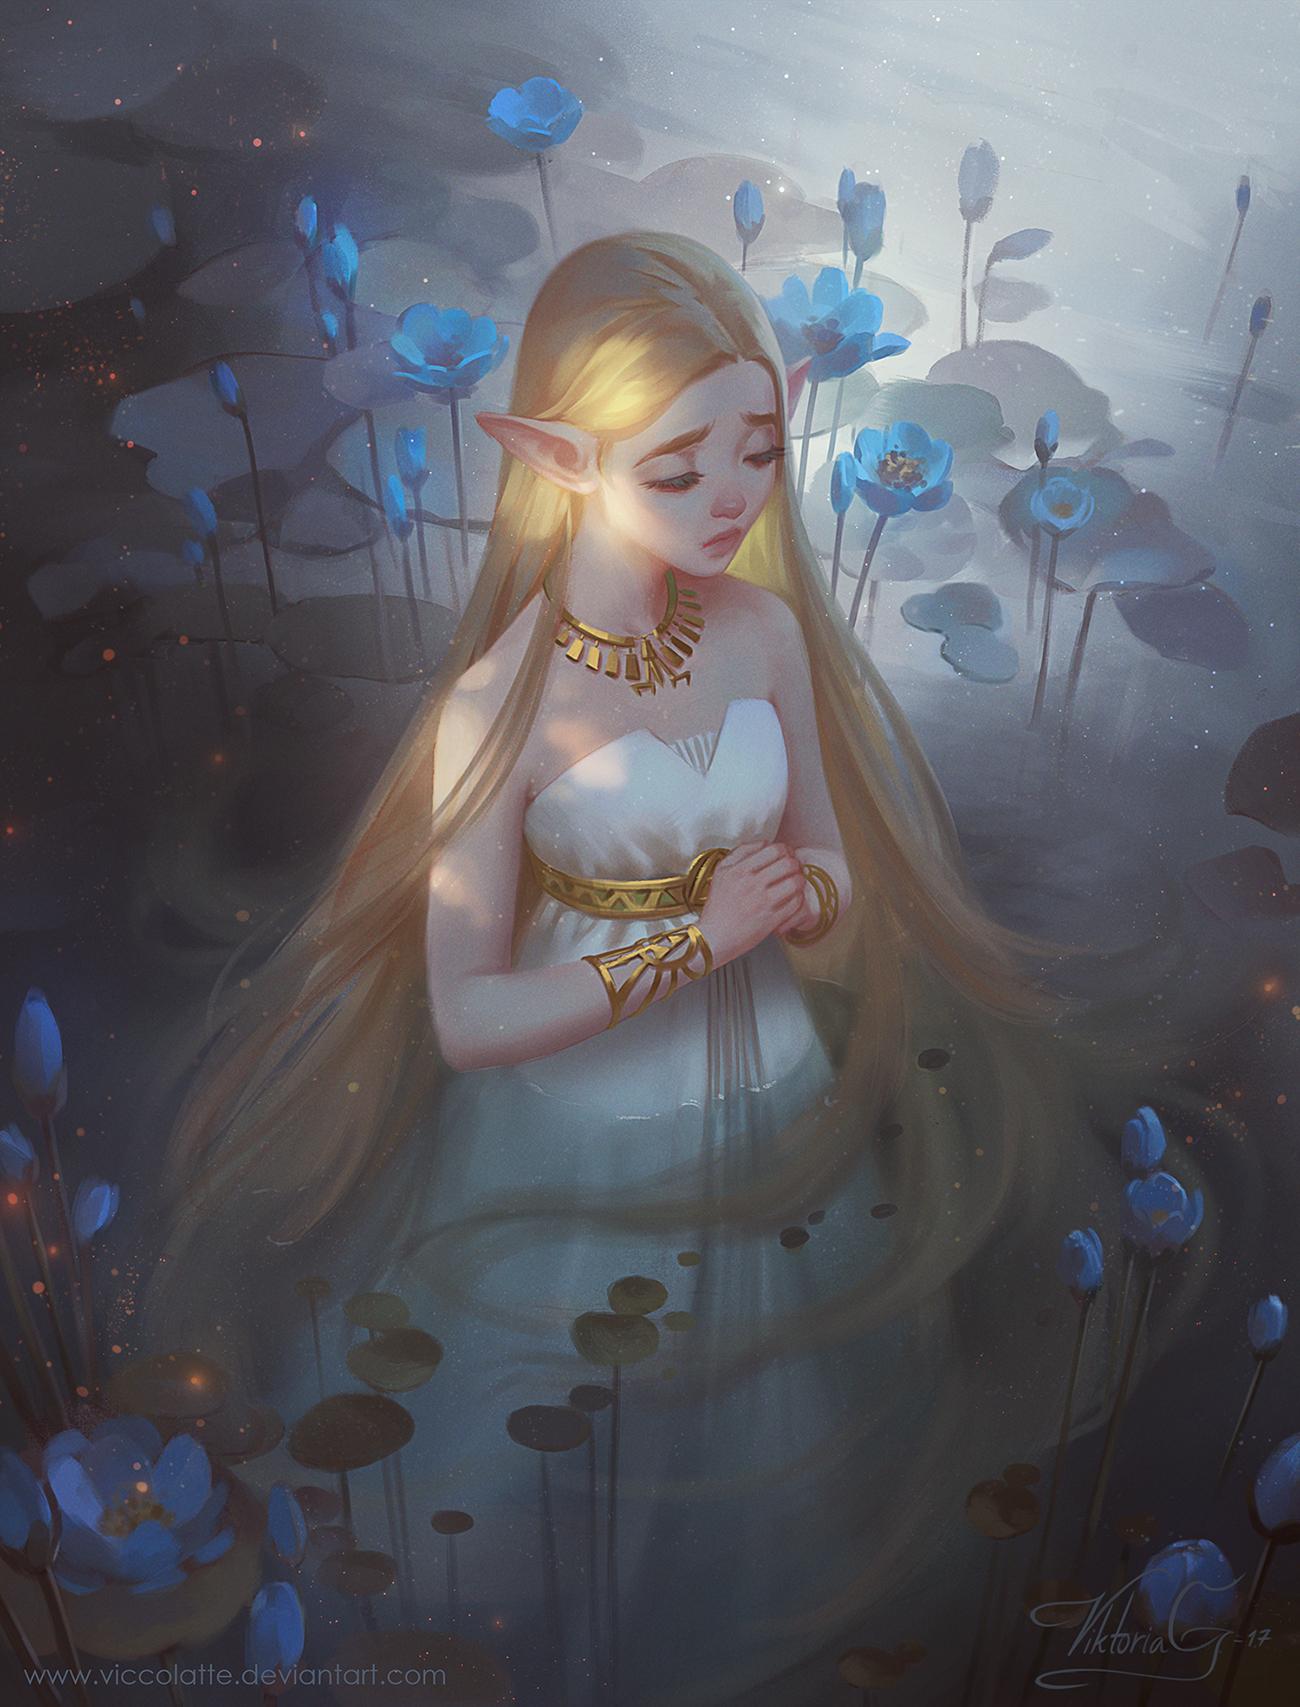 Zelda - Breath of the Wild No.01 by Viccolatte